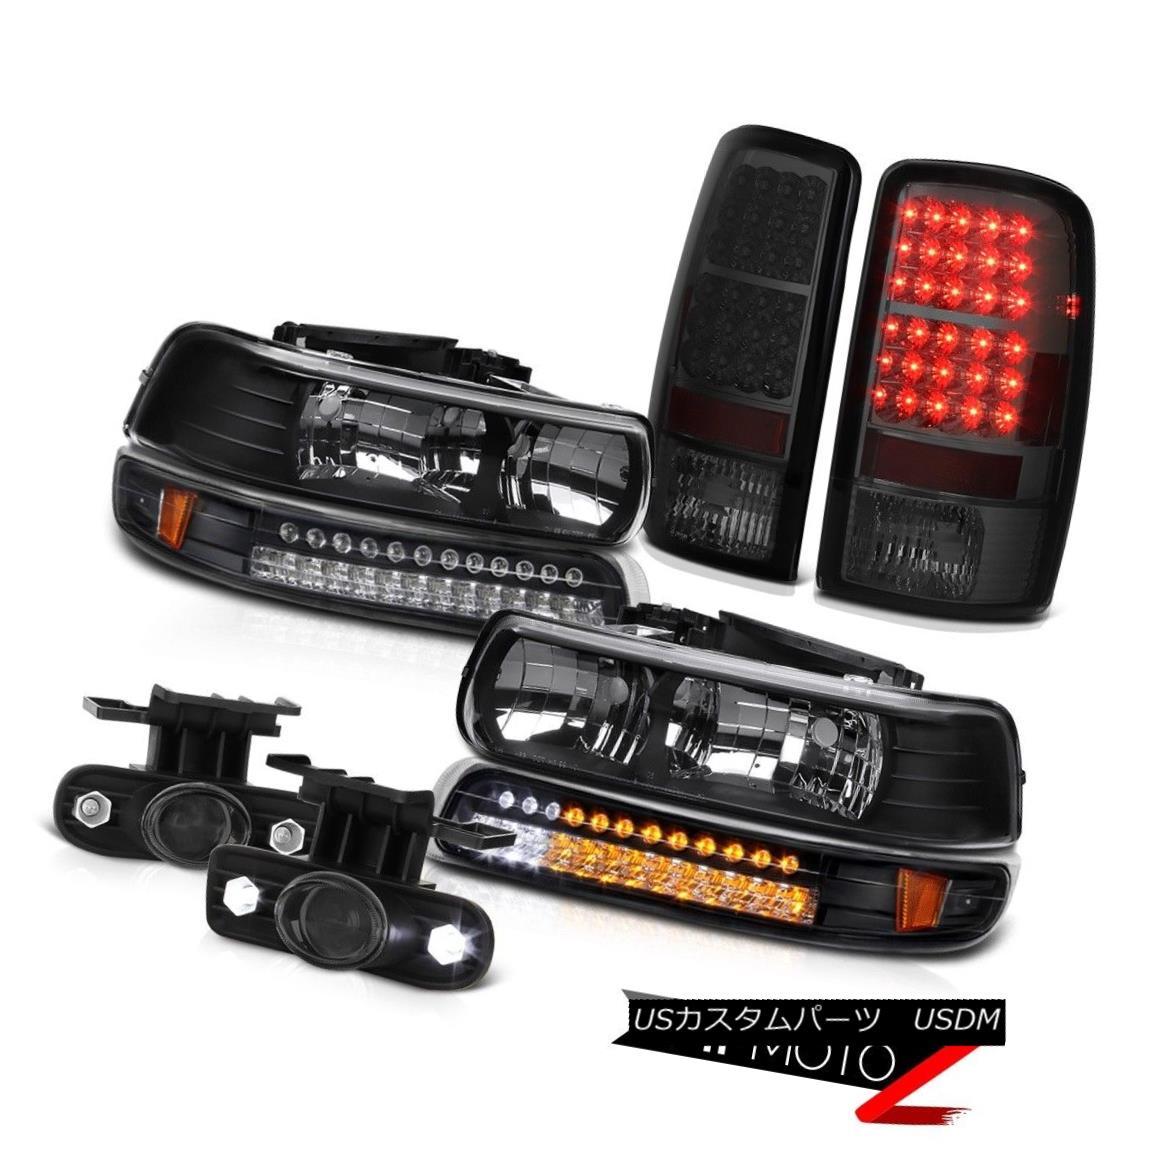 テールライト 00-06 Suburban 2500 Black Headlamps LED Smoke Taillights Projector Driving Fog 00-06郊外2500ブラックヘッドランプLED煙燈プロジェクタードライビングフォグ